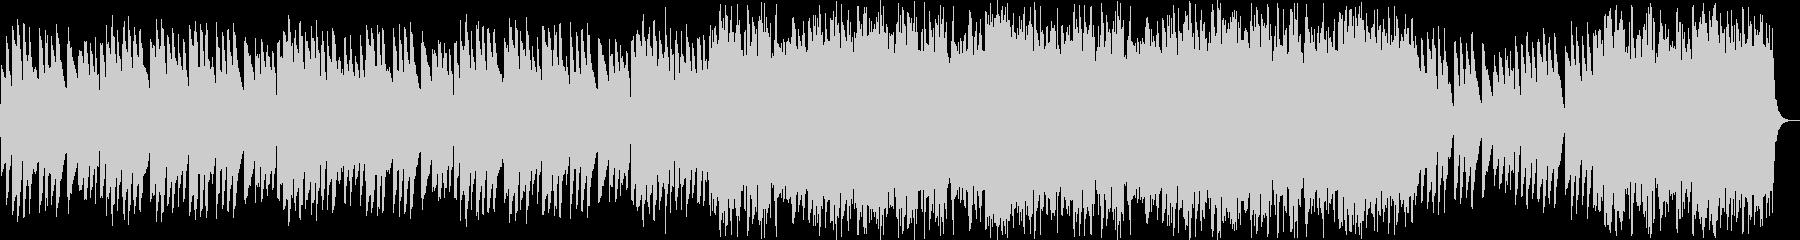 不安感のシンセサイザーサウンドの未再生の波形